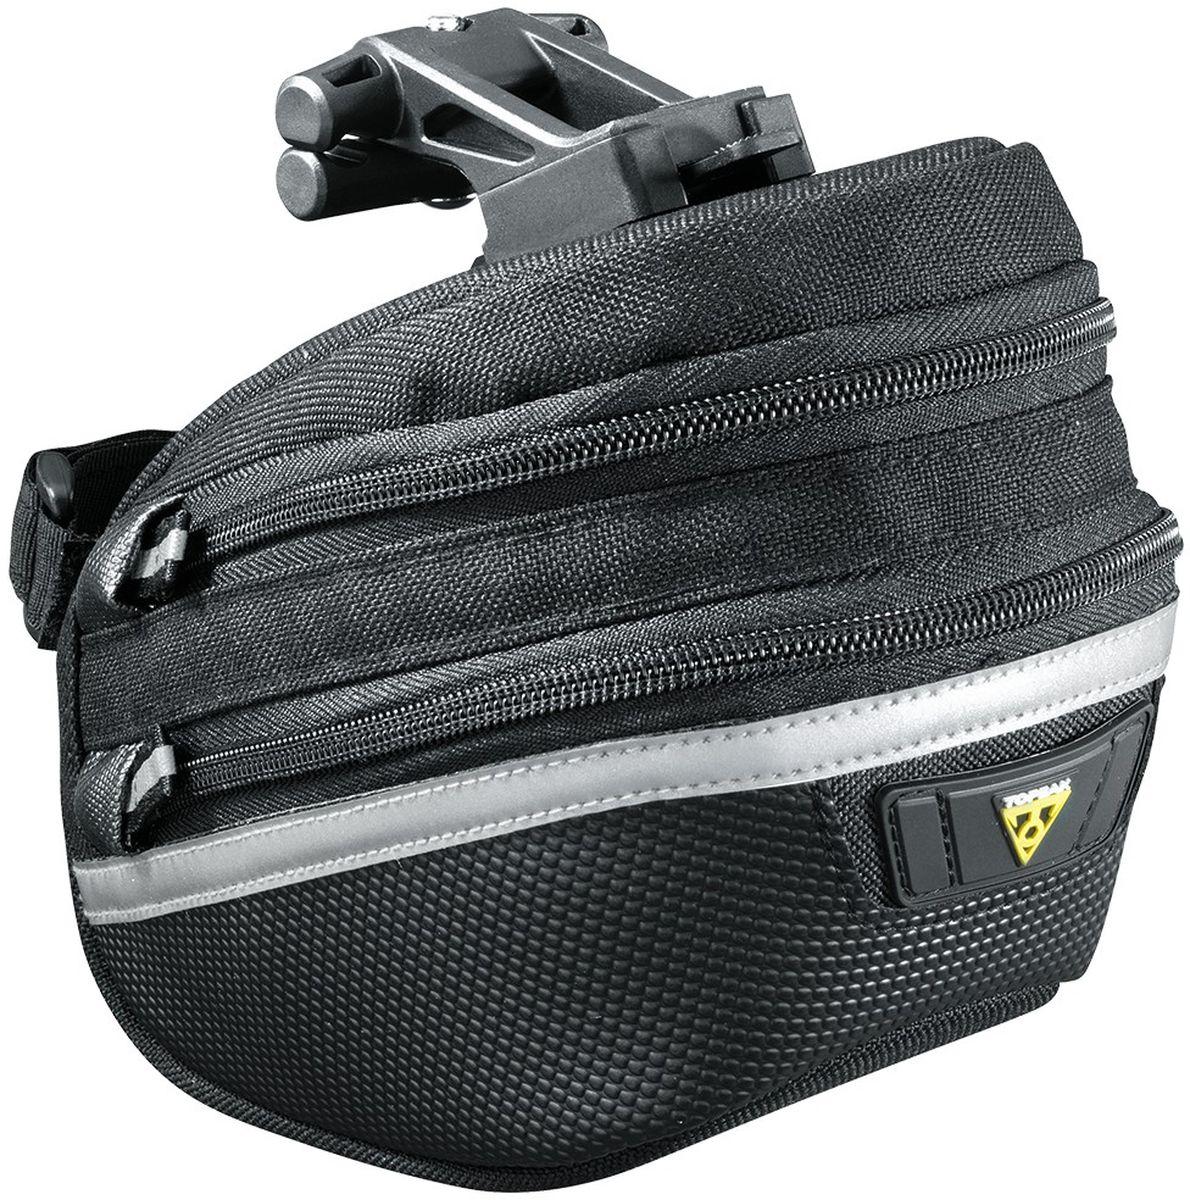 Сумка подсeдельная TOPEAK Wedge Pack II, с креплением, c чехлом, большаяTC2273BВысококачественная подседельная сумка с регулируемым объемом ( 1.25-1.65 L ). Пошита из прочнейшего материала, имеет светоотражающую полосу, крепление для мигалки и чехол от дождя. Емкость: 1.25-1.65 L. Система крепления QuickClick (быстросьемный механизм). Особенности: -регулируемый объем (для увеличения объема необходимо расстегнуть молнию); -светоотражающая полоса 3М; -крепление для мигалки; -чехол от дождя. Крепление: QuickClick (F25) к рамке седла и ремень на подседельный штырь. Материал: Нейлон. Размер: 18.5 x 11.5 x 13 см. Вес: 183 г.